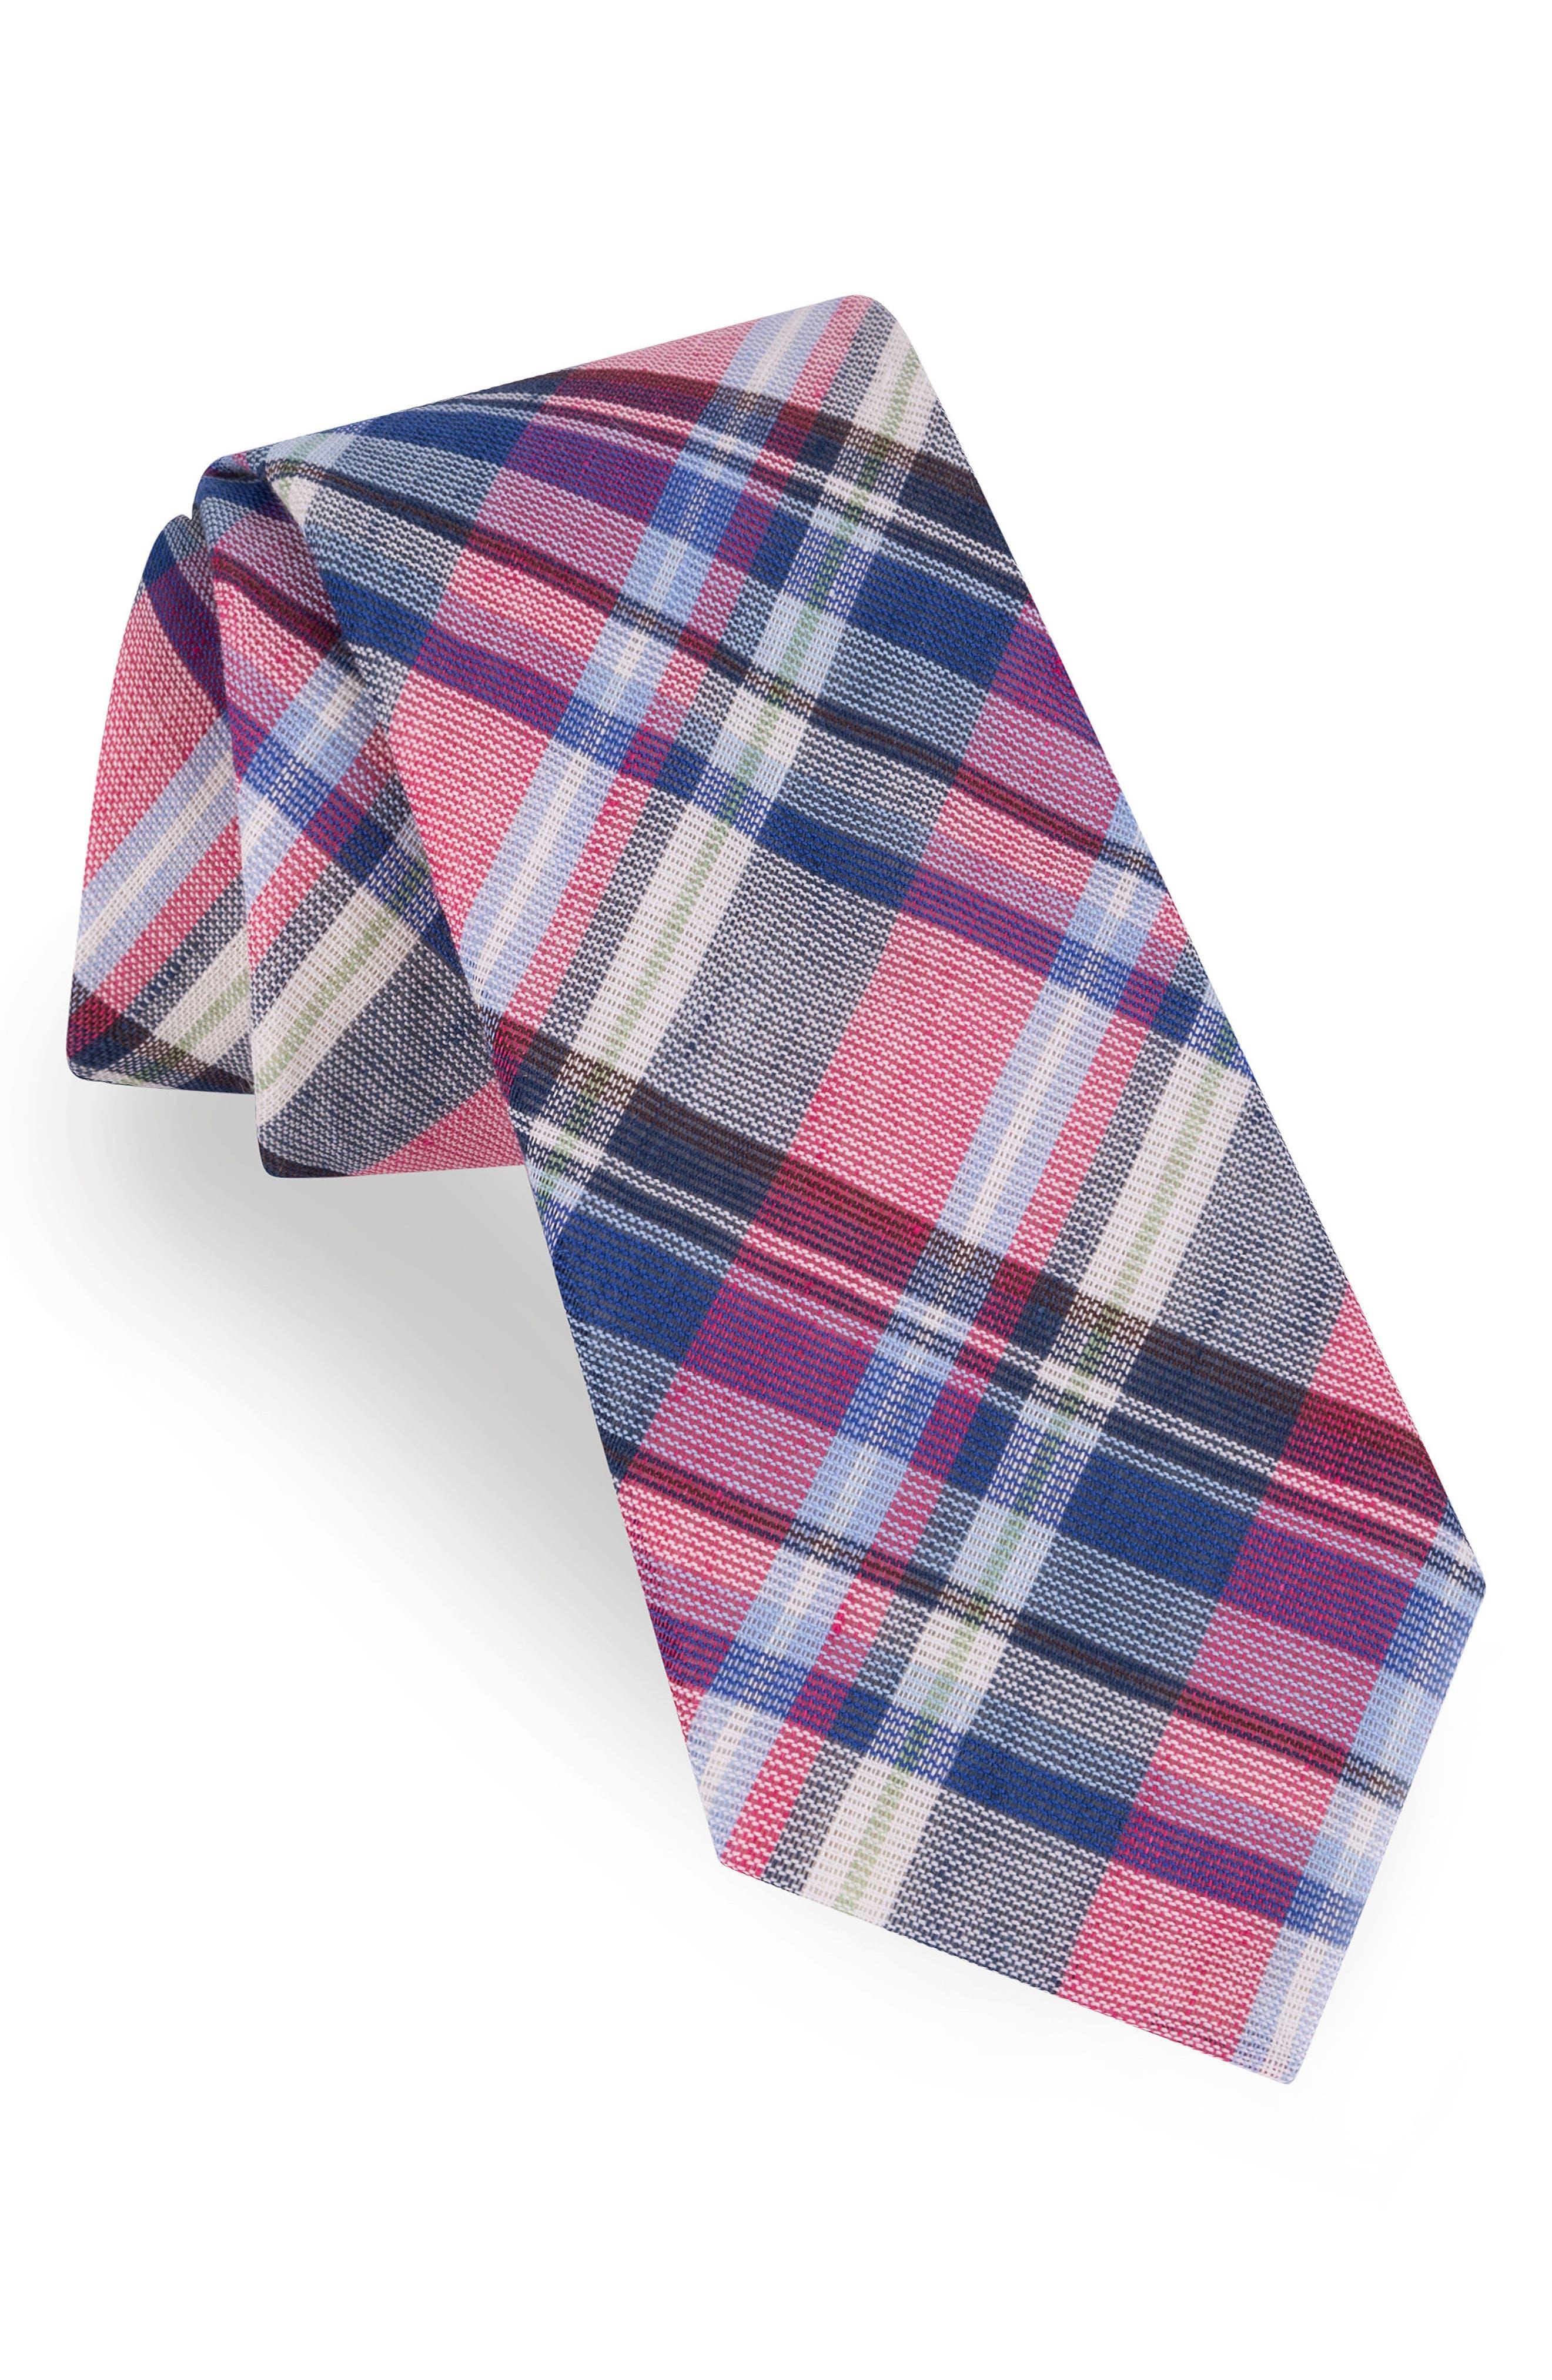 Plaid Cotton & Linen Tie,                             Main thumbnail 1, color,                             Pink